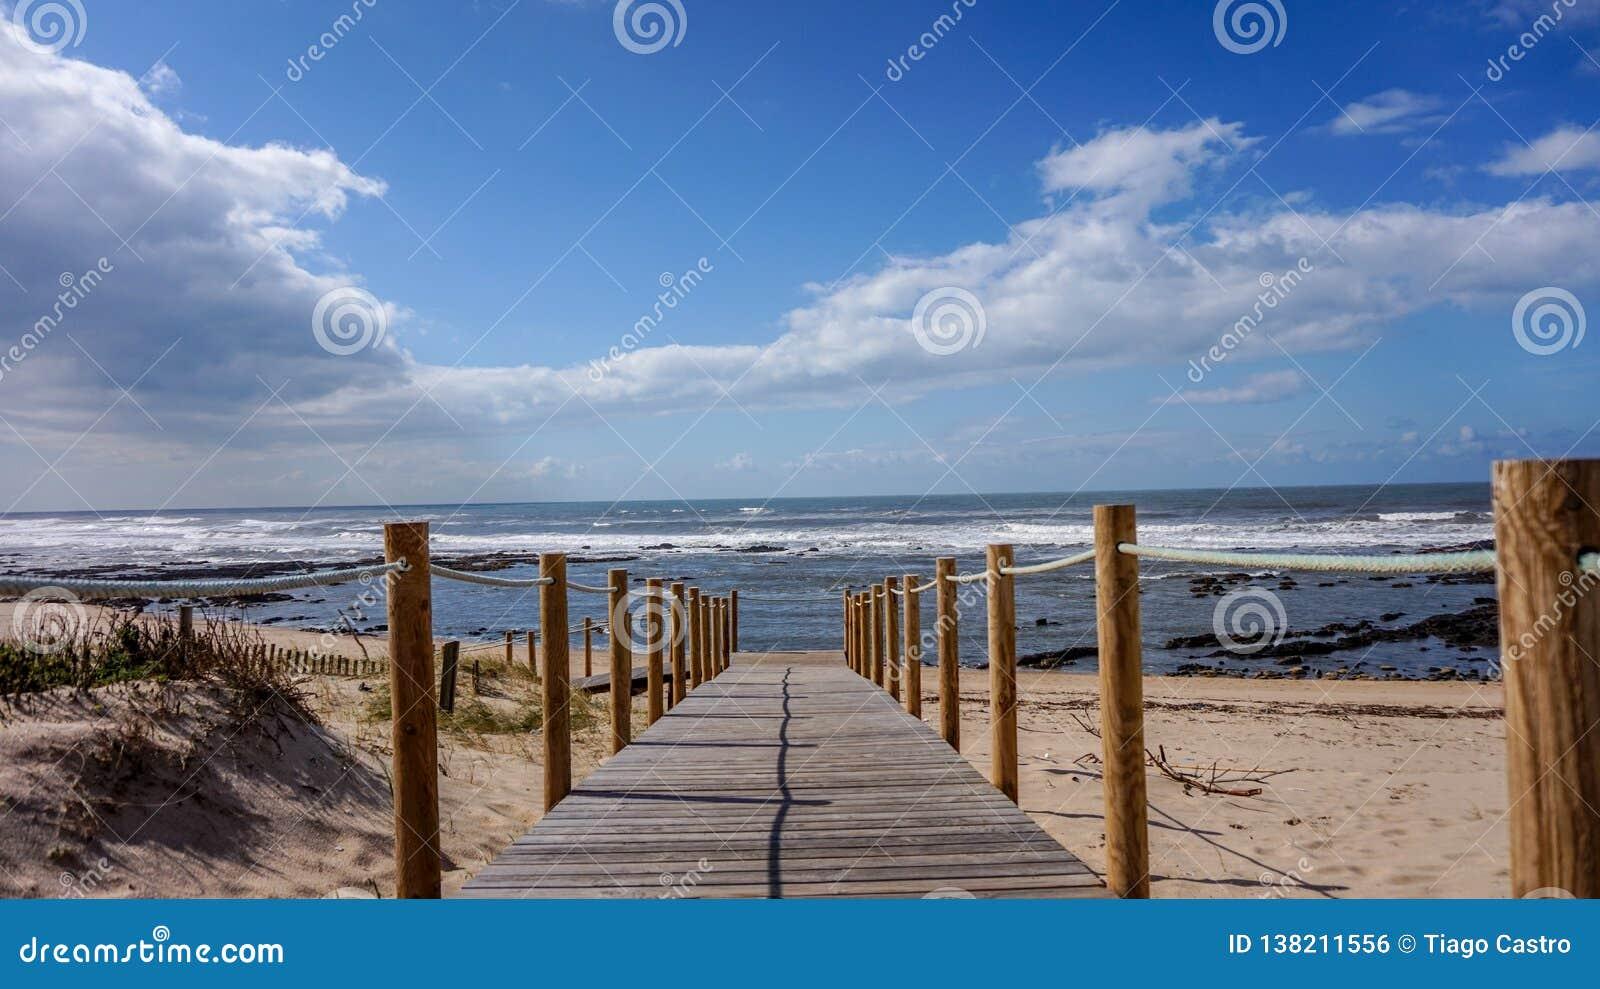 Passeio à beira mar sobre as dunas de areia que conduzem ao mar em uma manhã bonita e relaxando da praia em Gaia, Porto, Portugal